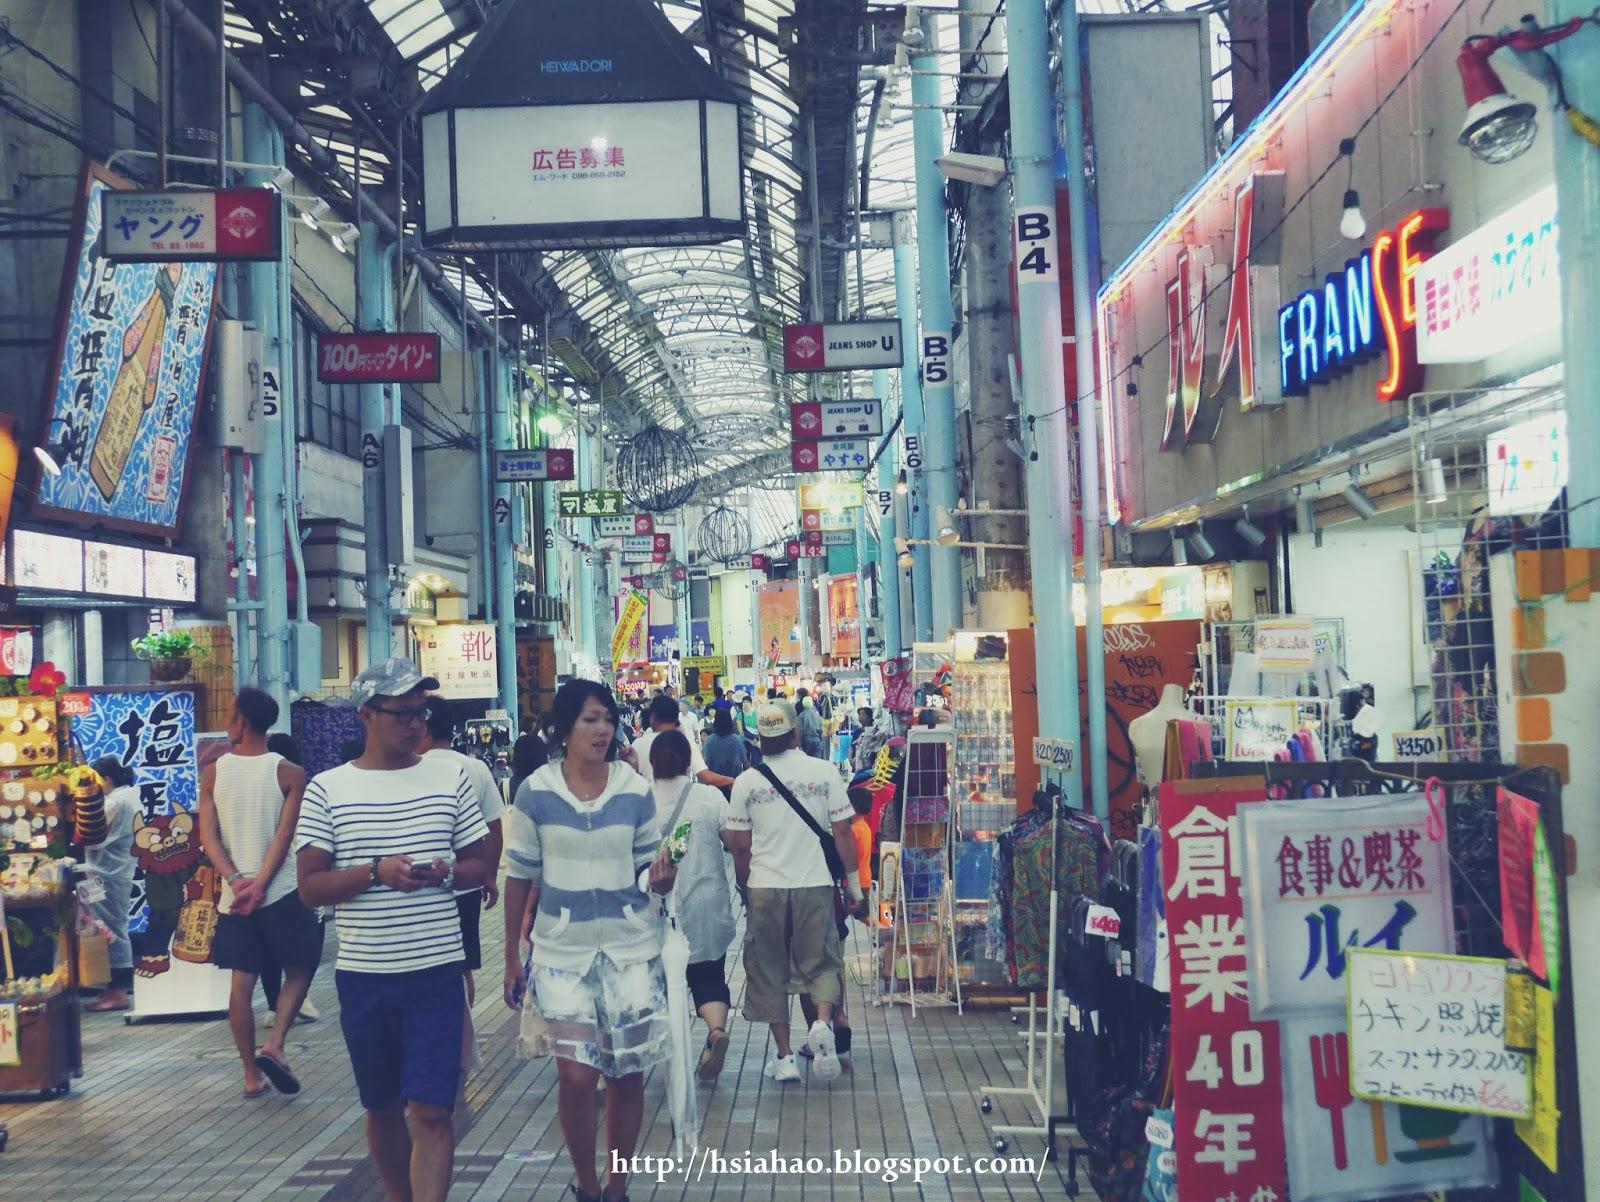 沖繩-國際通-牧志公設市場-平和通-浮島通-國際通逛街-國際通購物-國際通景點-自由行-Okinawa-kokusaidori